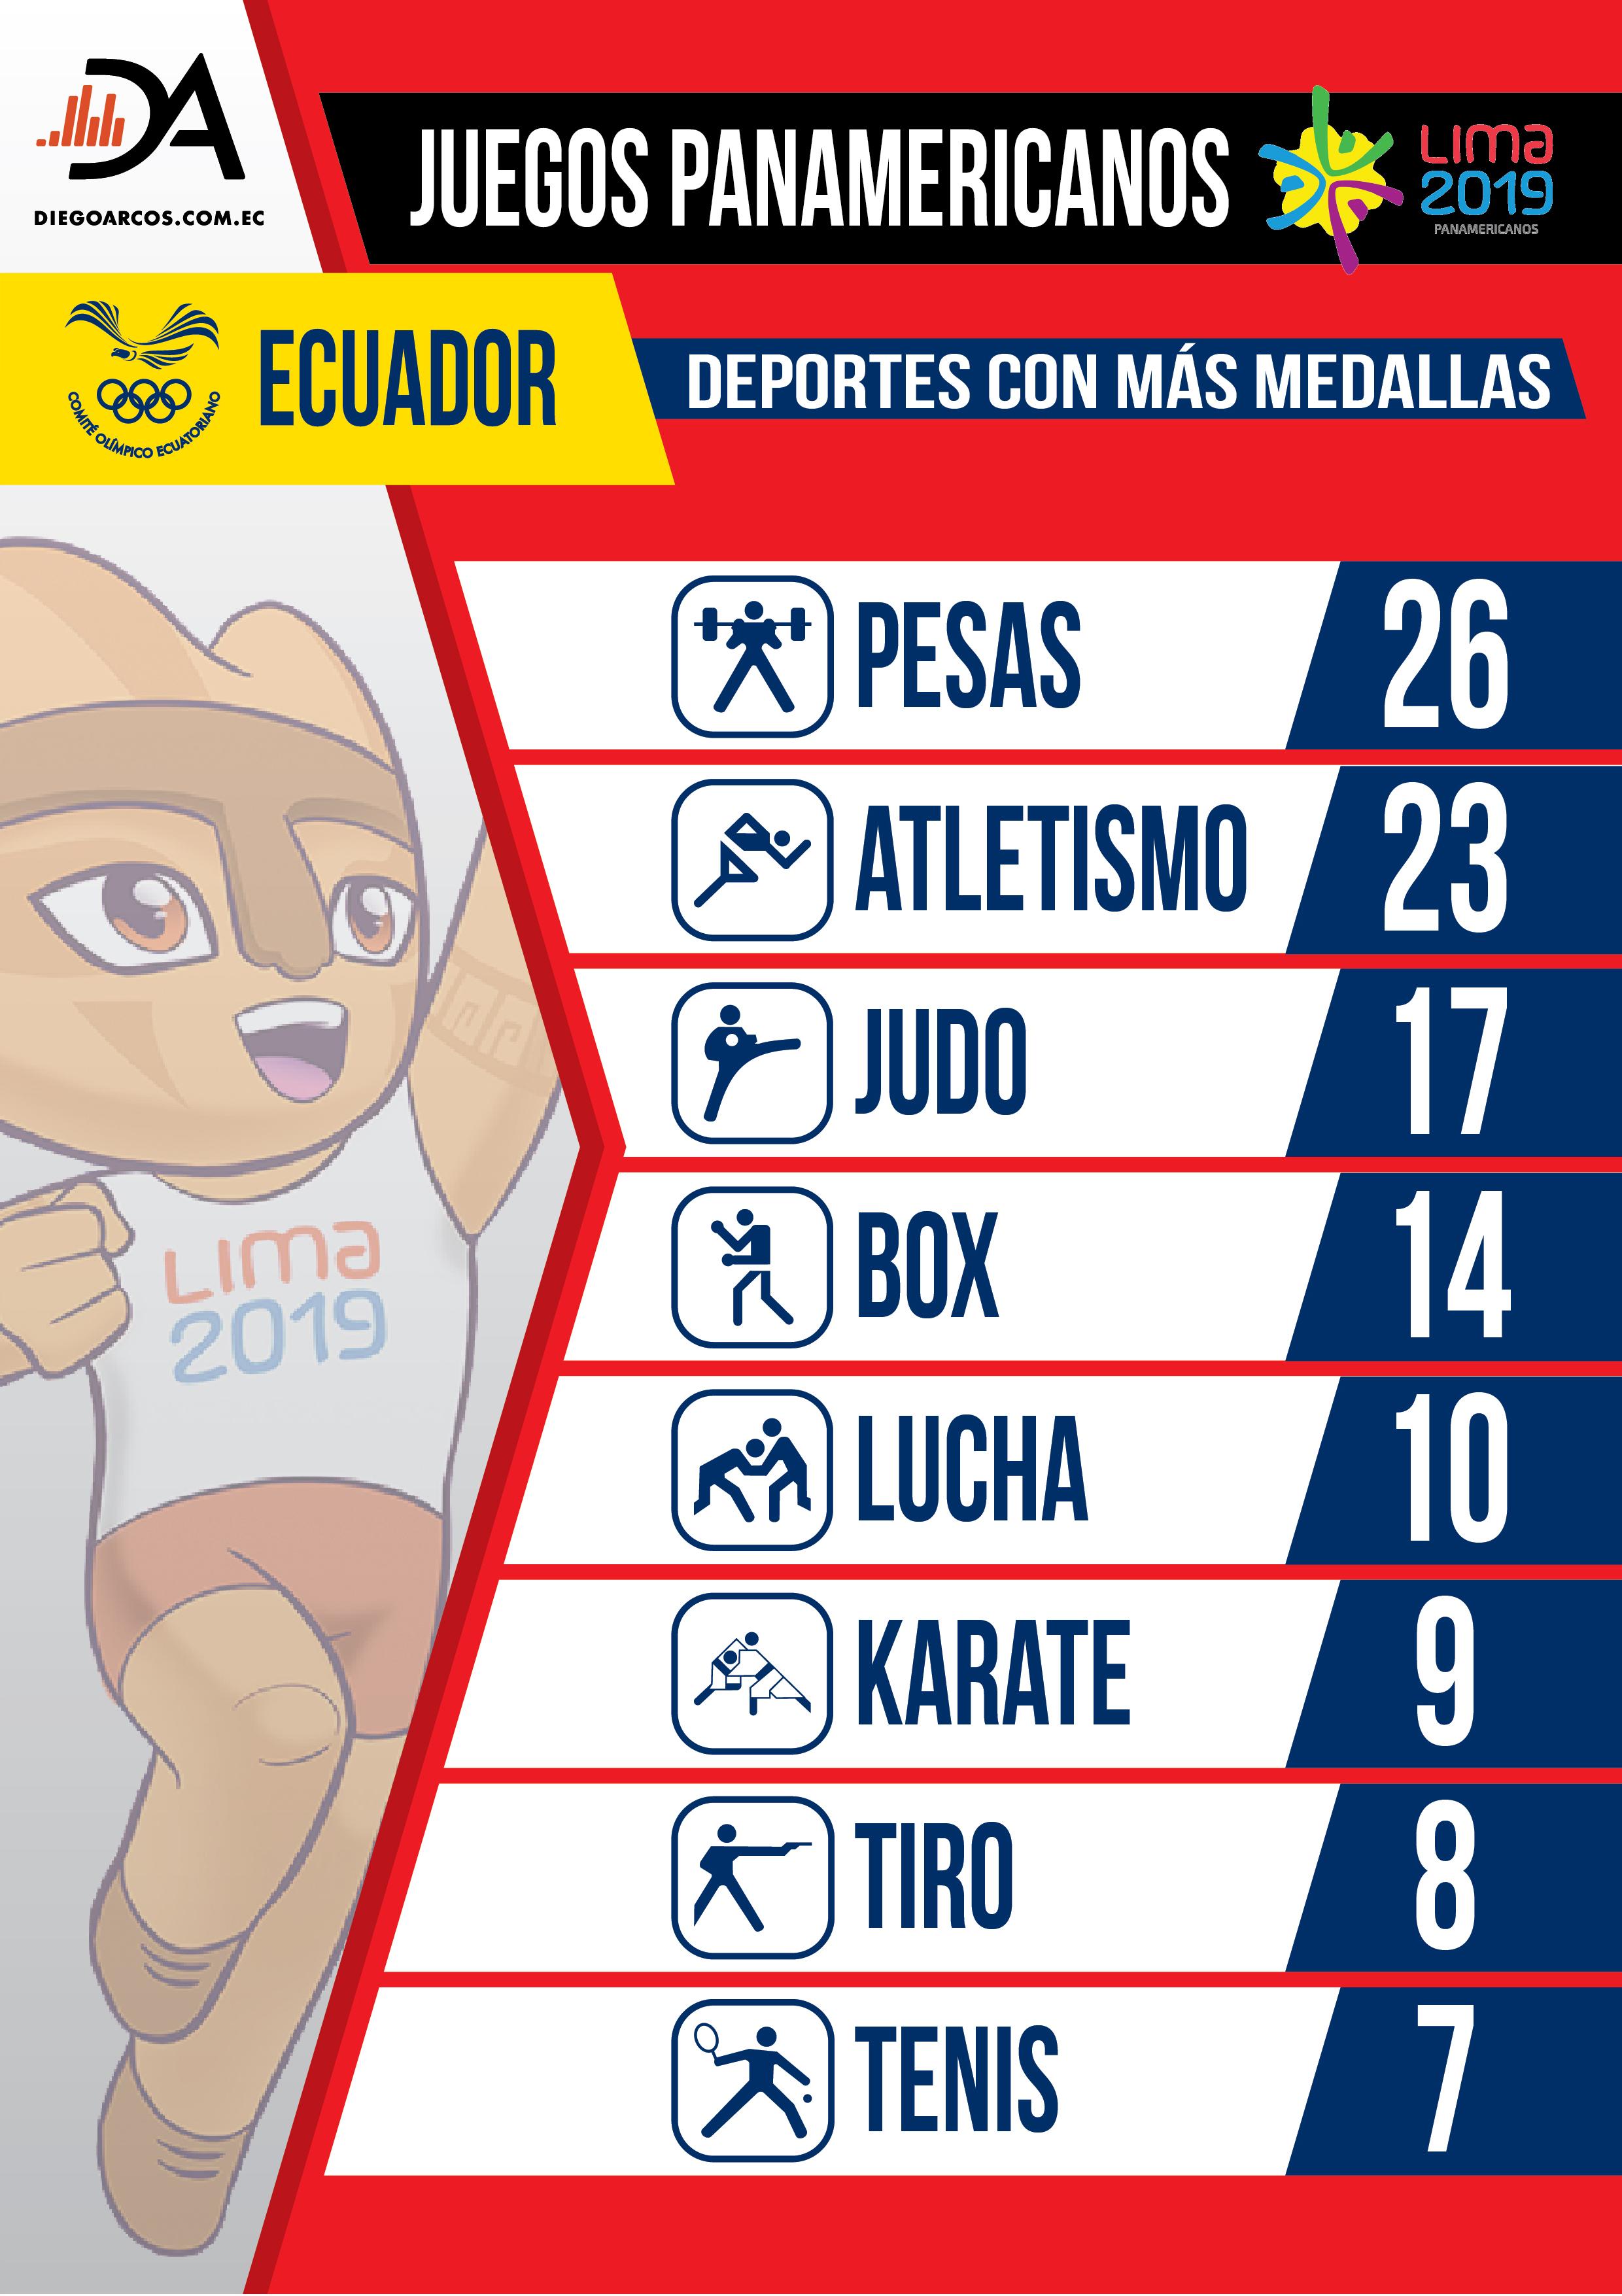 Juegos Panamericanos, números y detalles de Ecuador